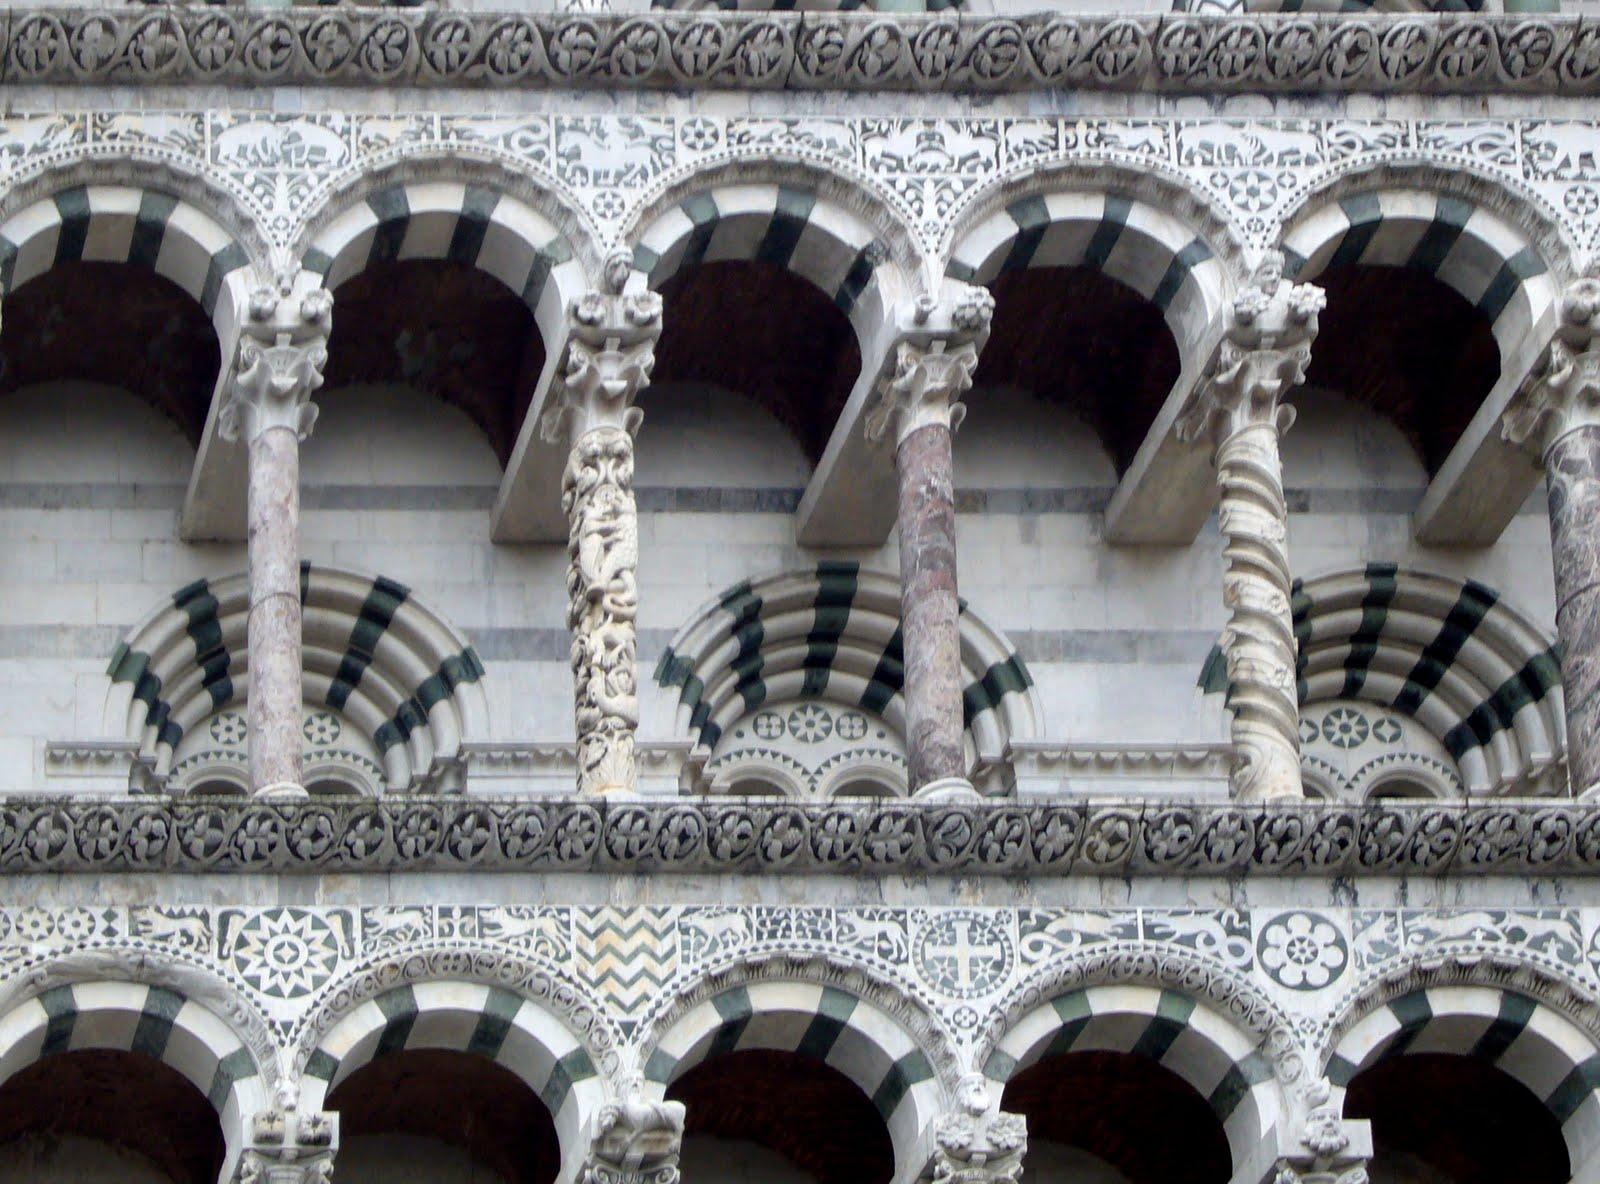 La Cattedrale Di San Martino Fondazione Cassa Di Risparmio Di Lucca